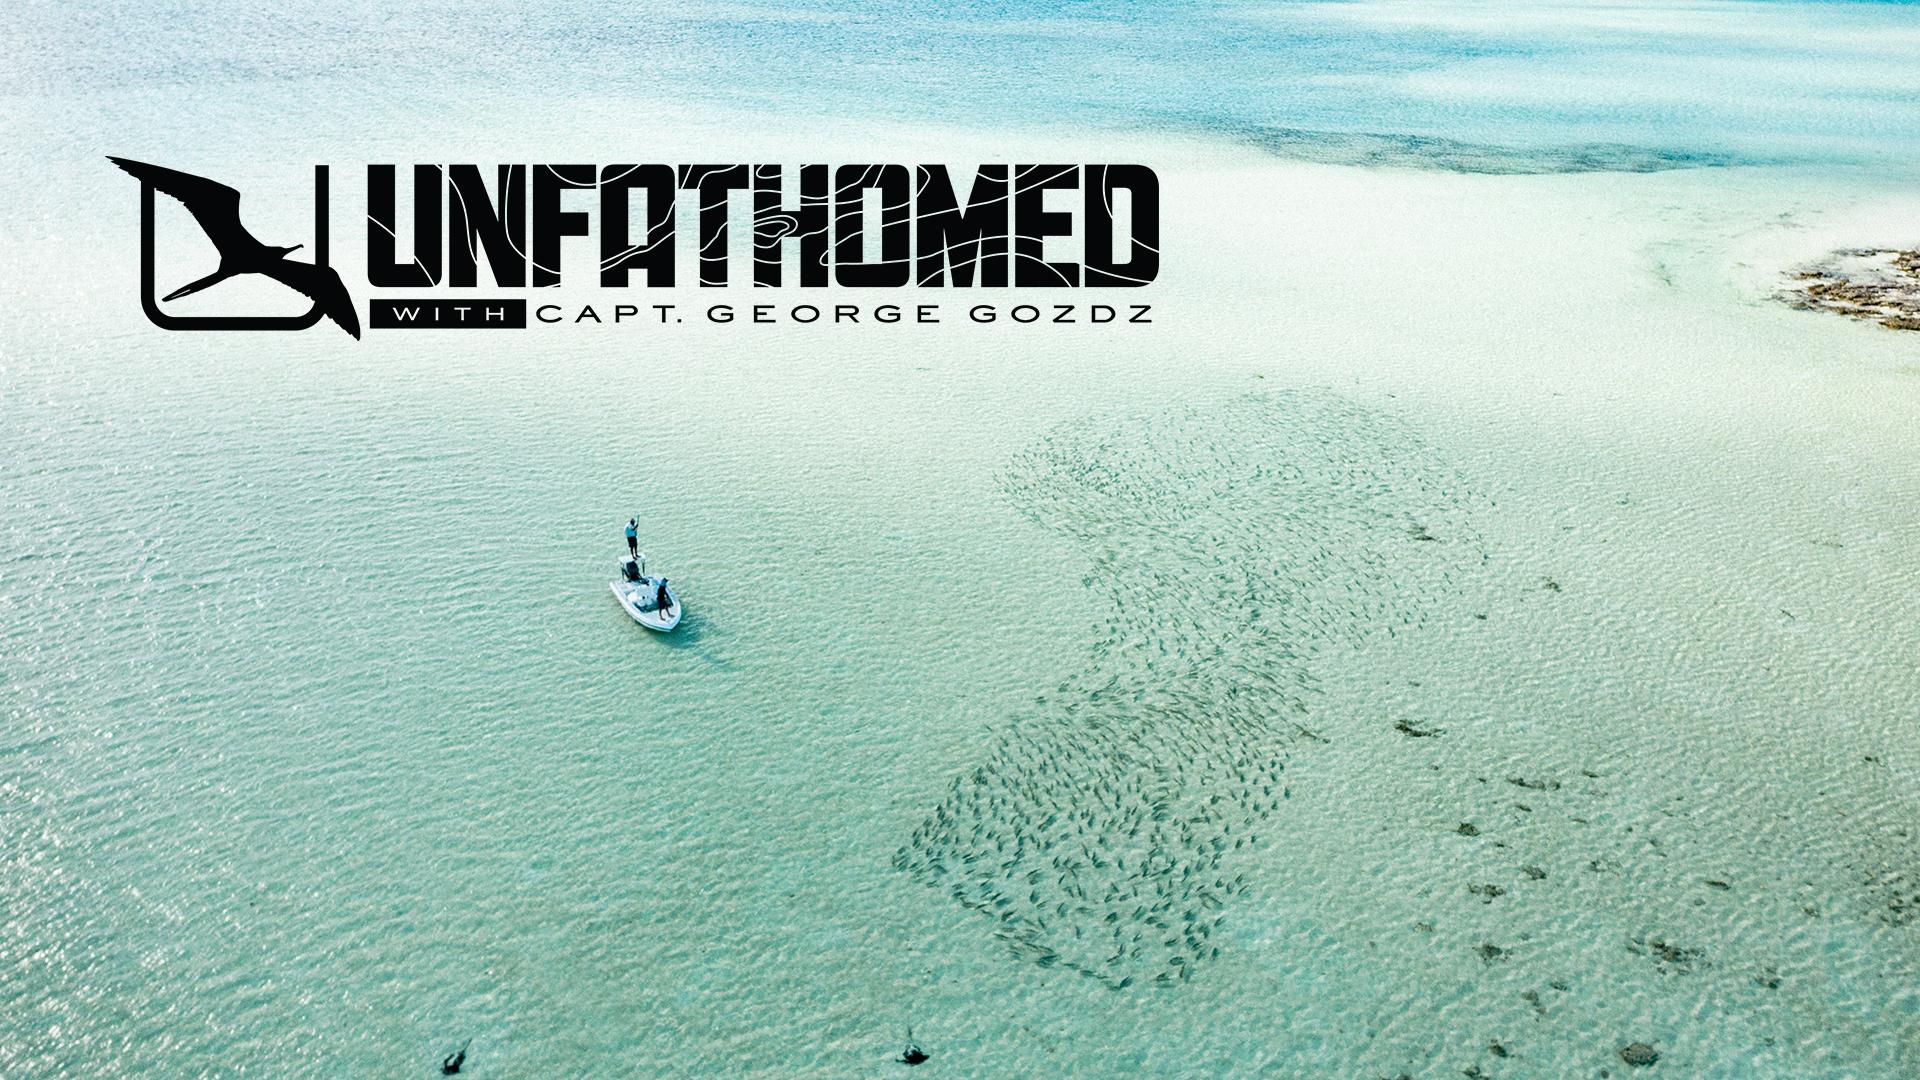 Unfathomed